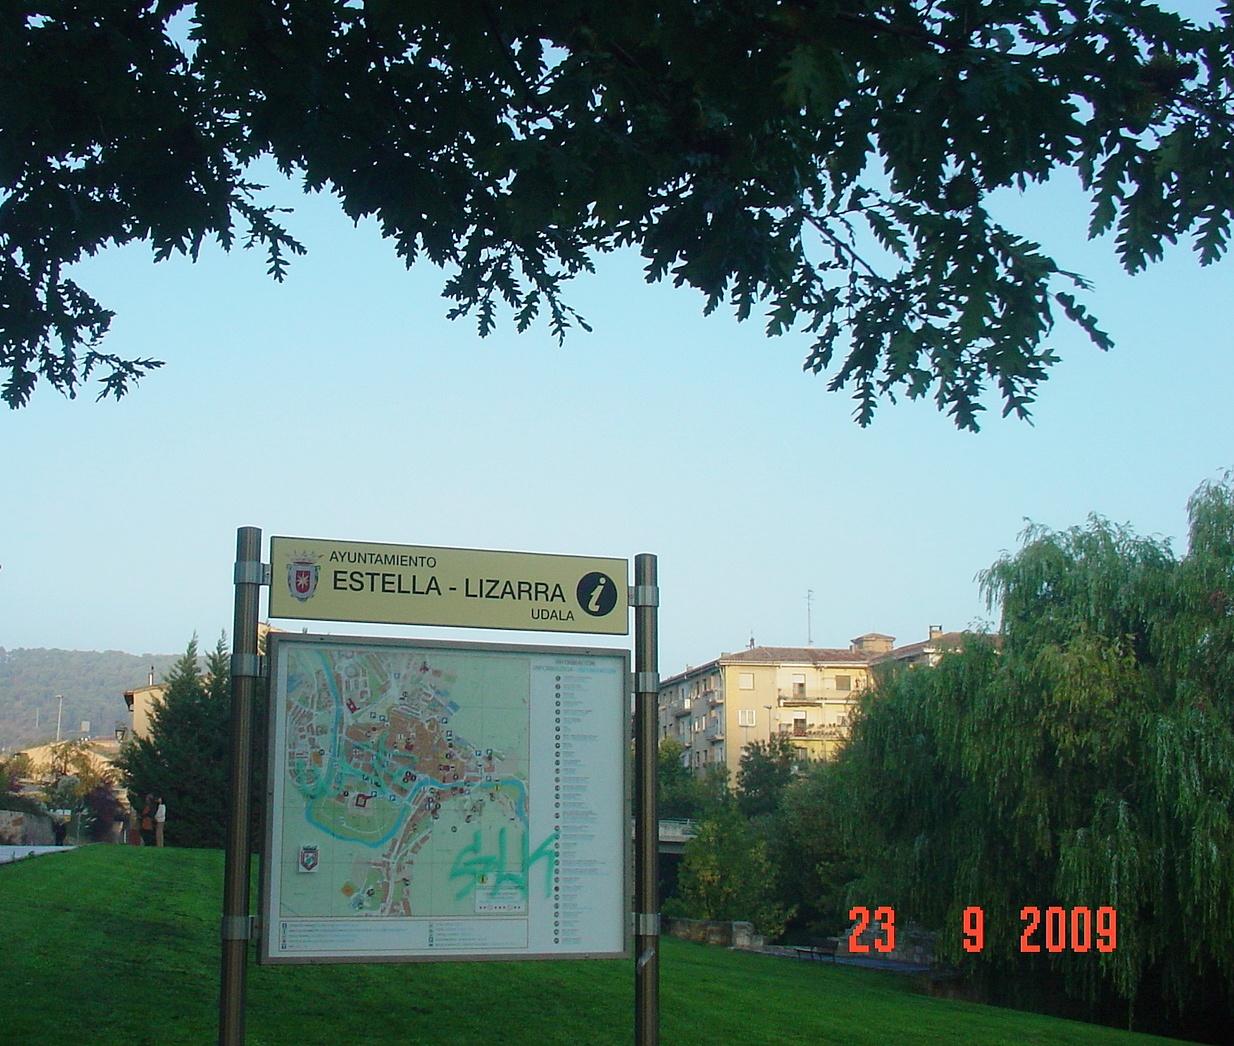 Die Stad Estella (die Schöne)